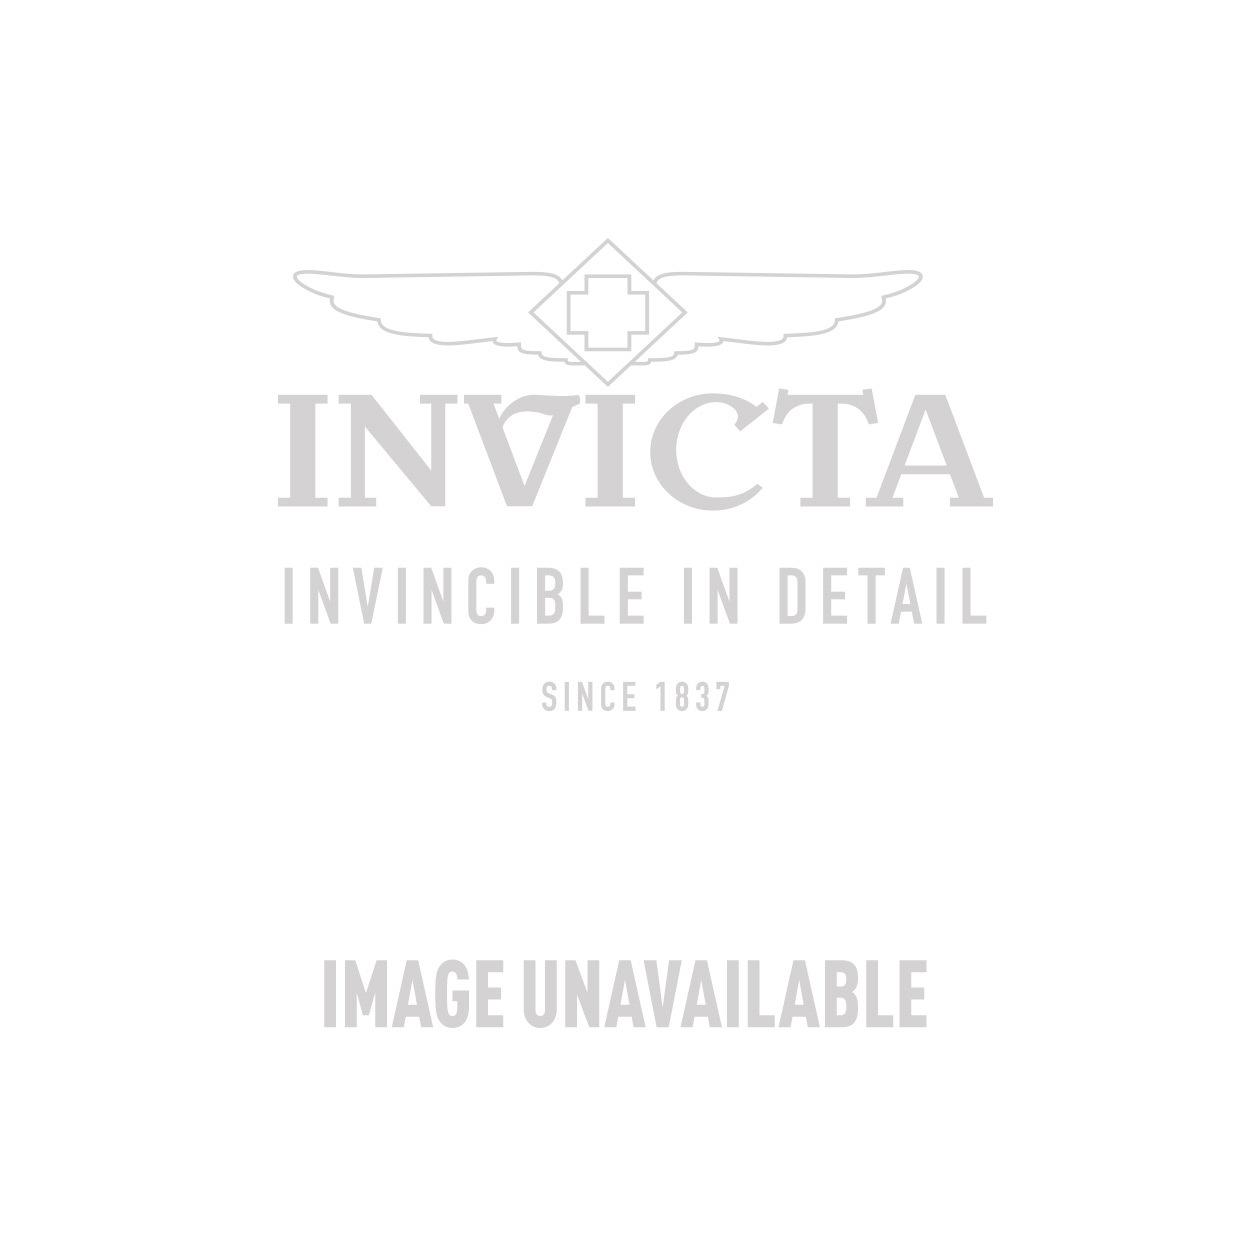 Invicta Model 25465